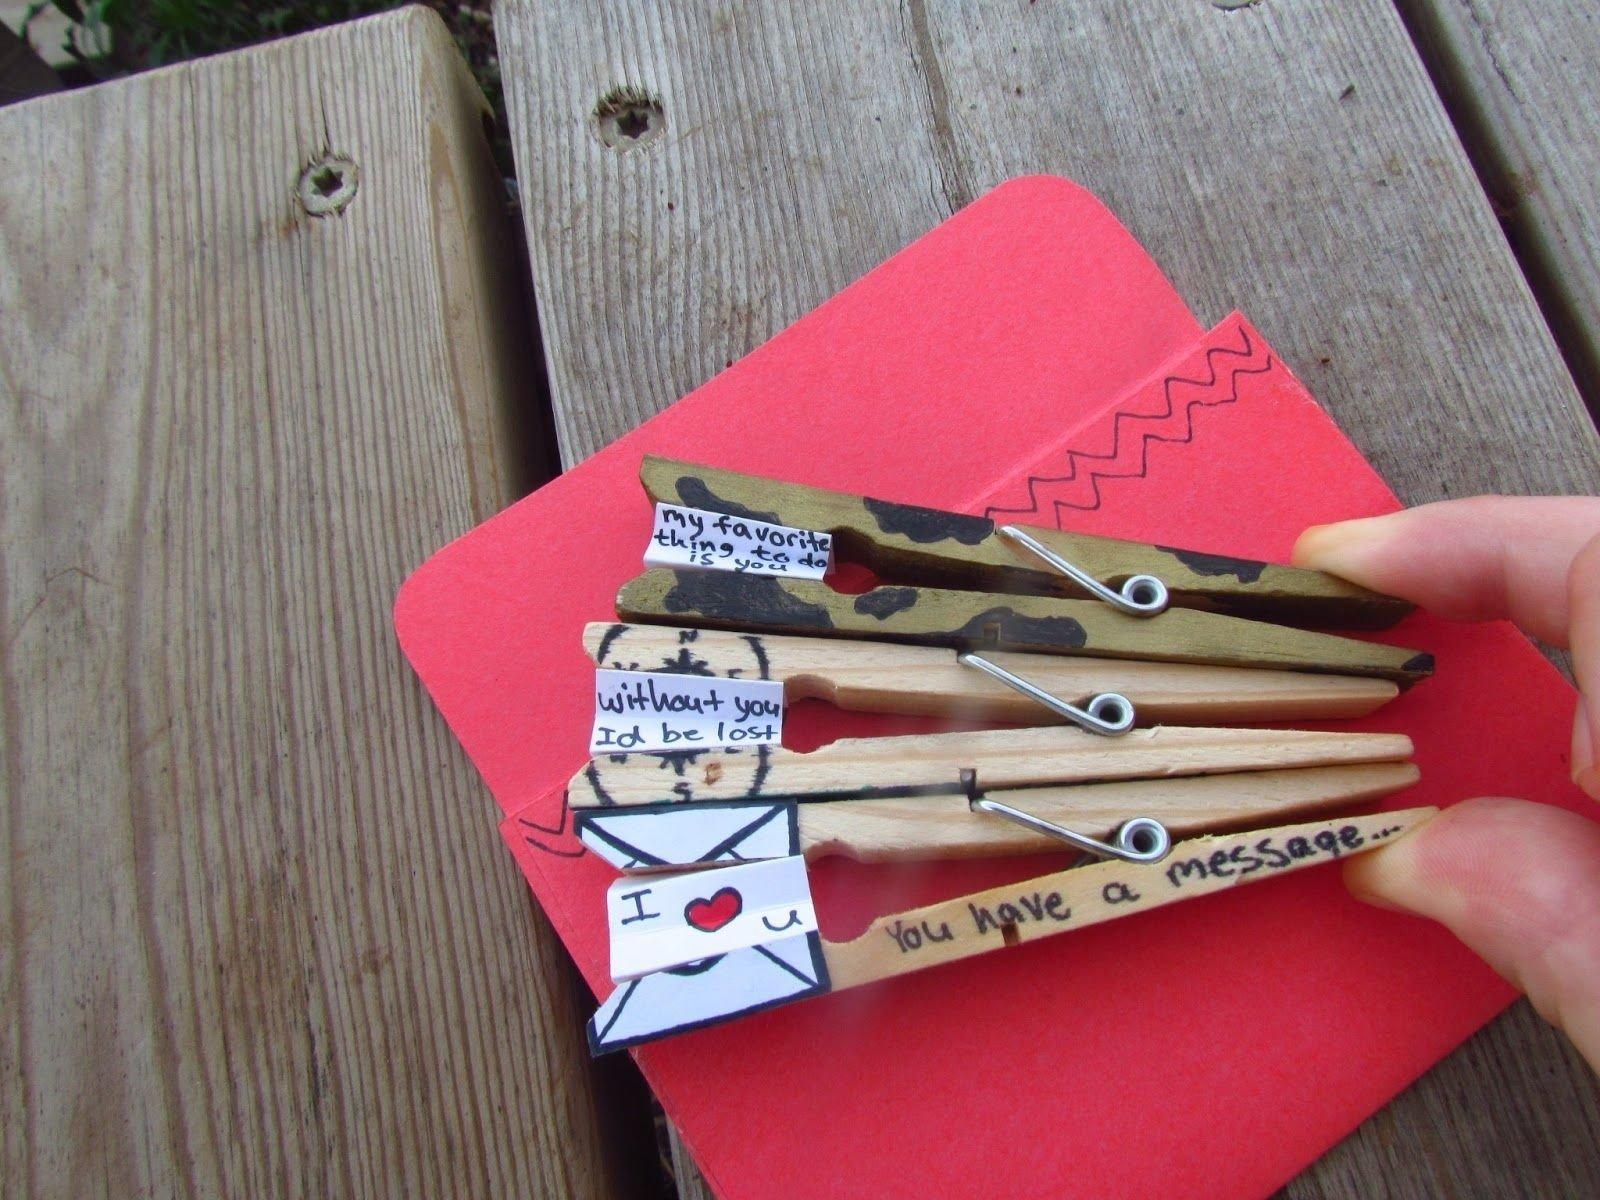 10 pretty creative gift ideas for your boyfriend